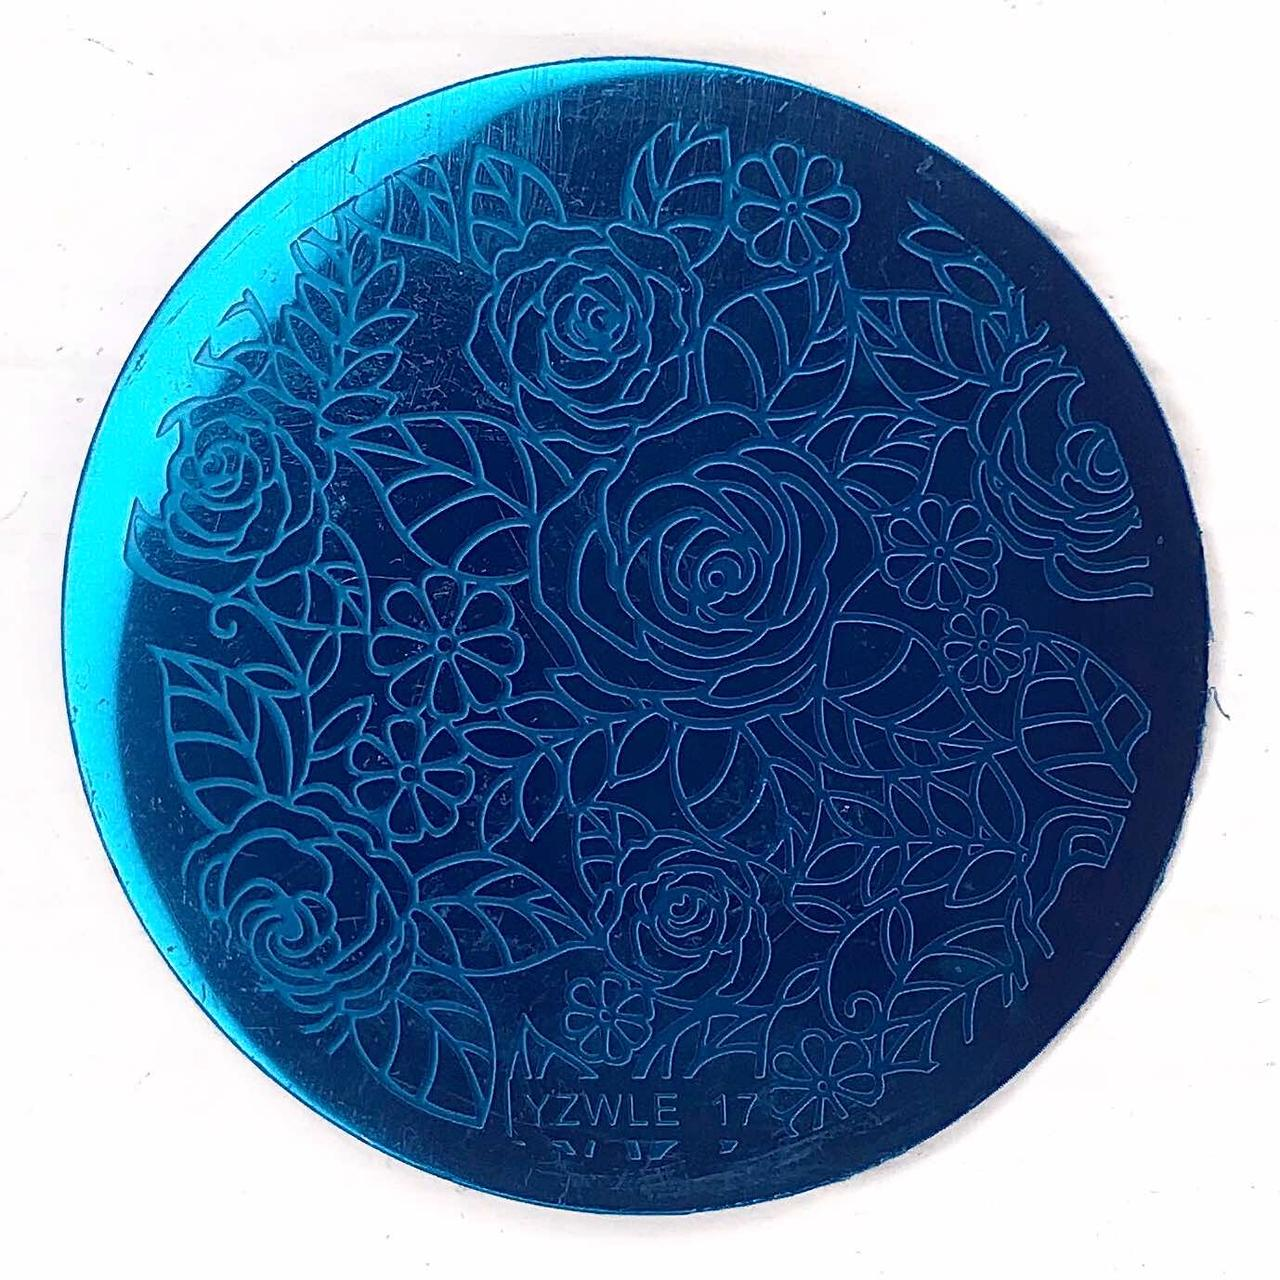 Пластина для стемпинга (круглая) YZWLE 17